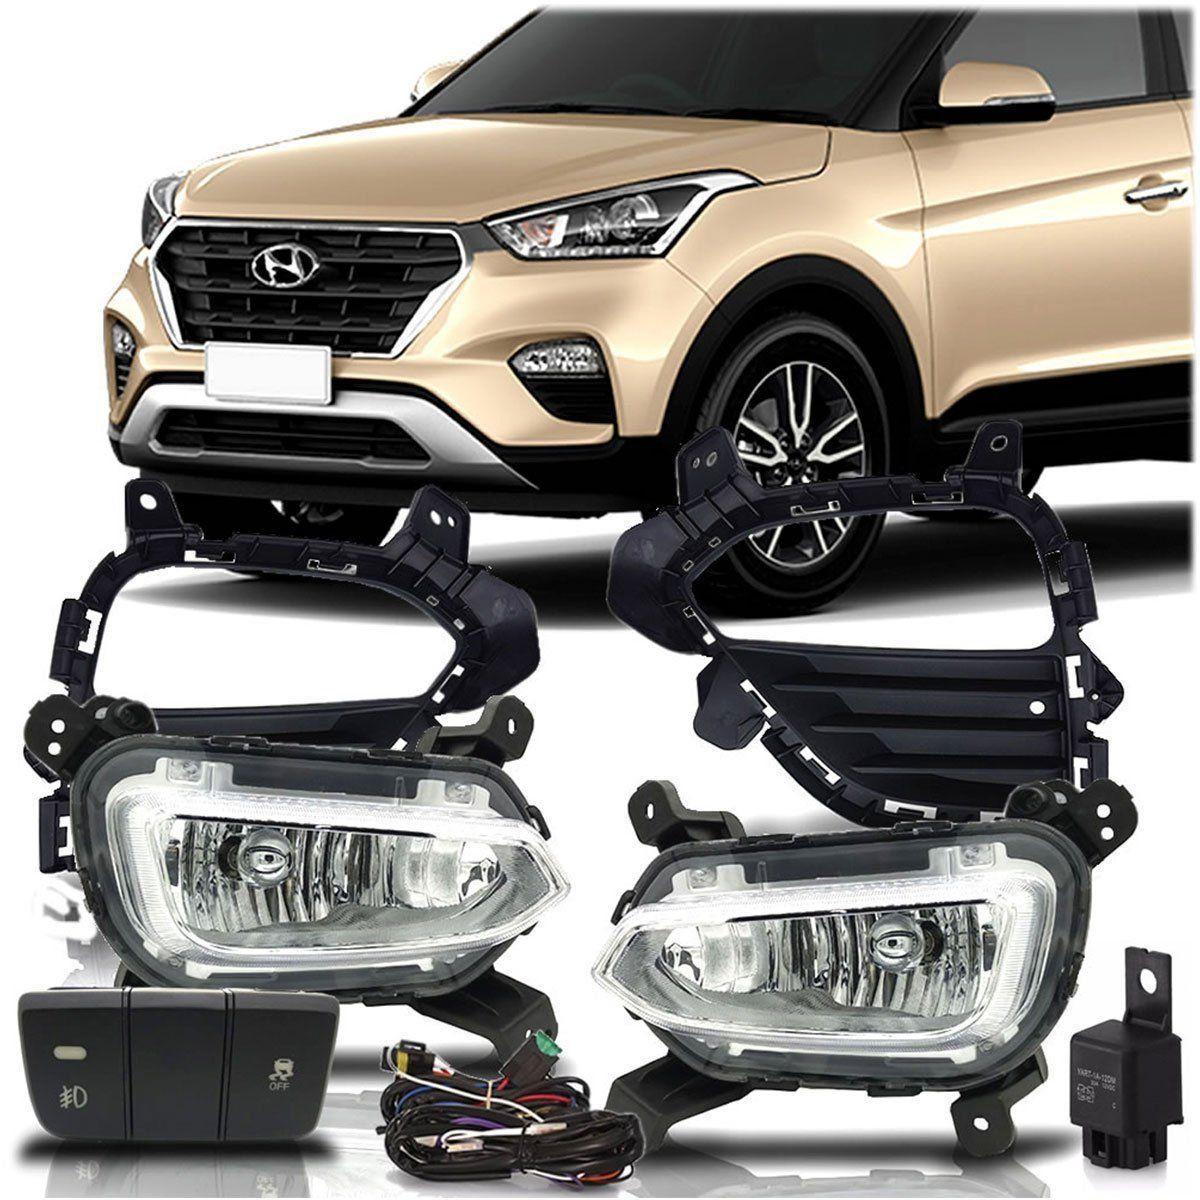 Kit Farol de Milha Hyundai Creta 2017 e 2018 Neblina Botão Original